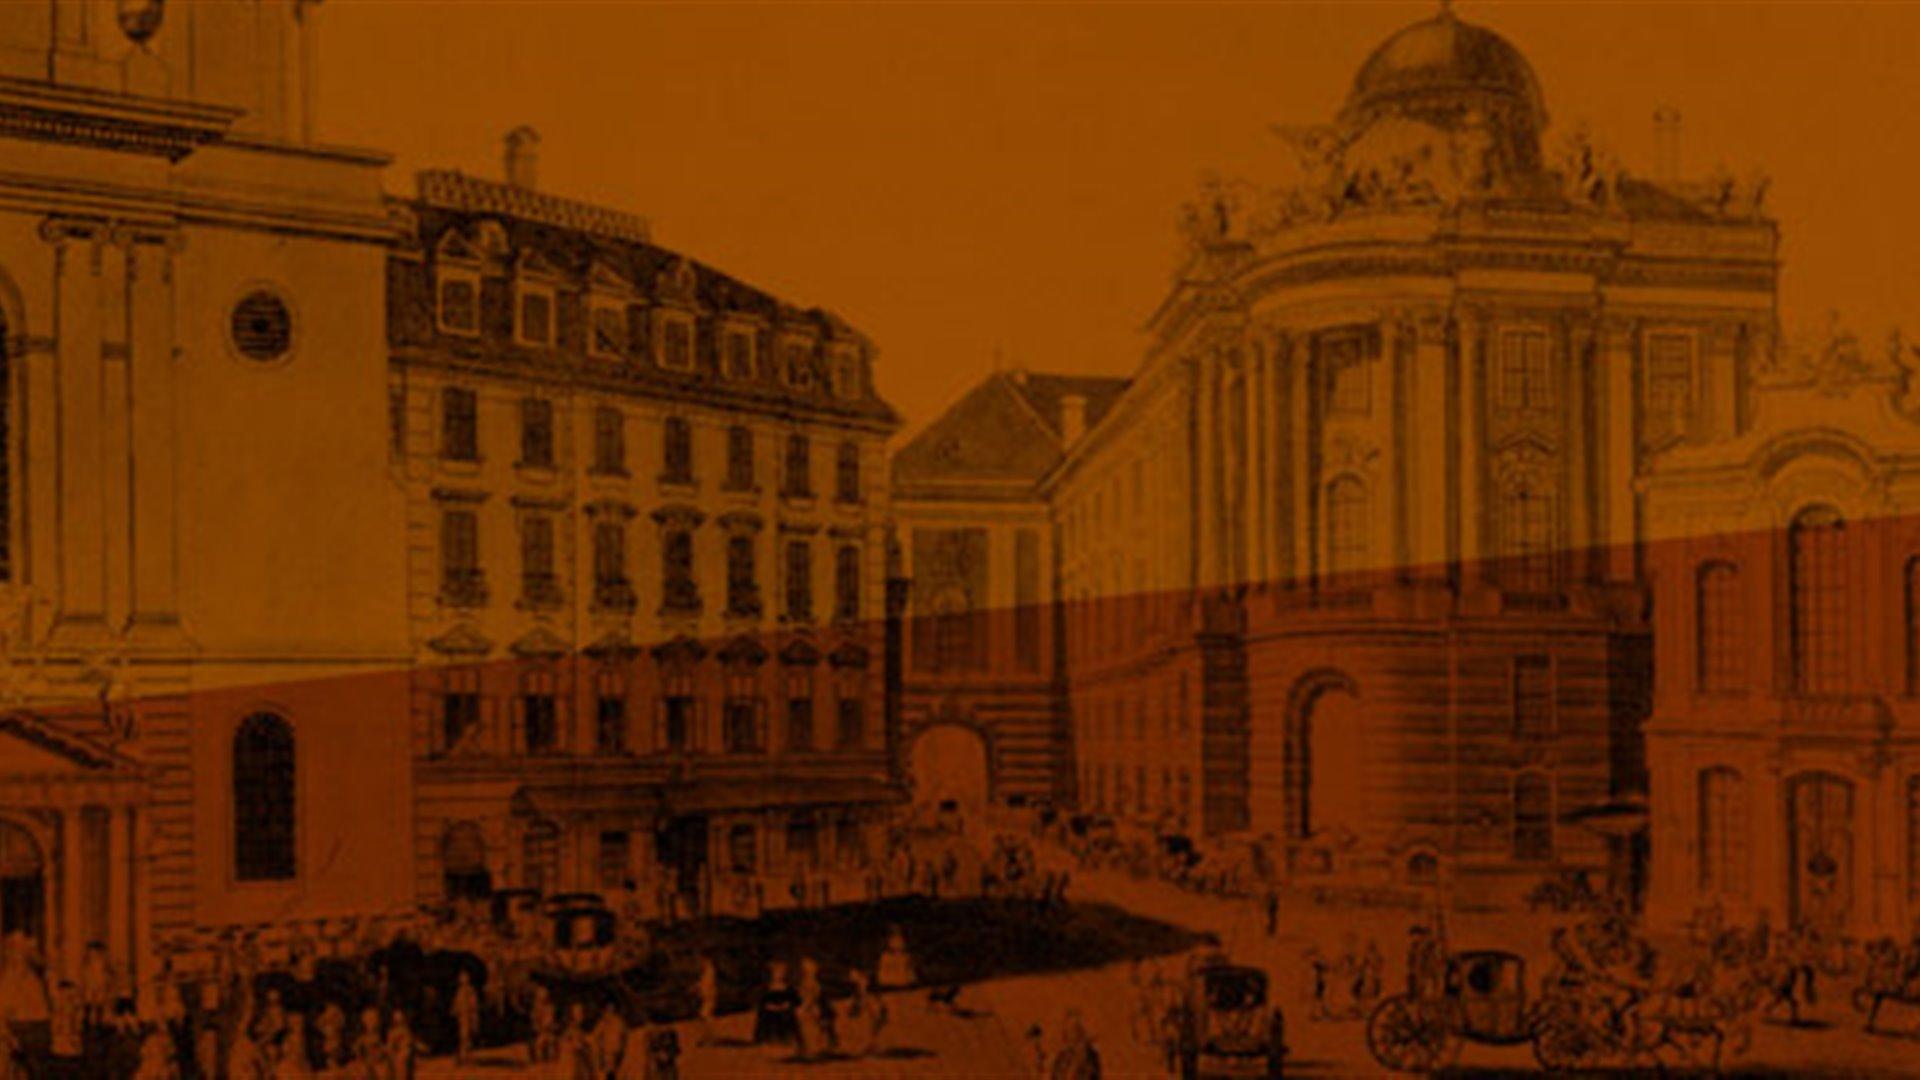 Viena 1780. El clasicismo vienés